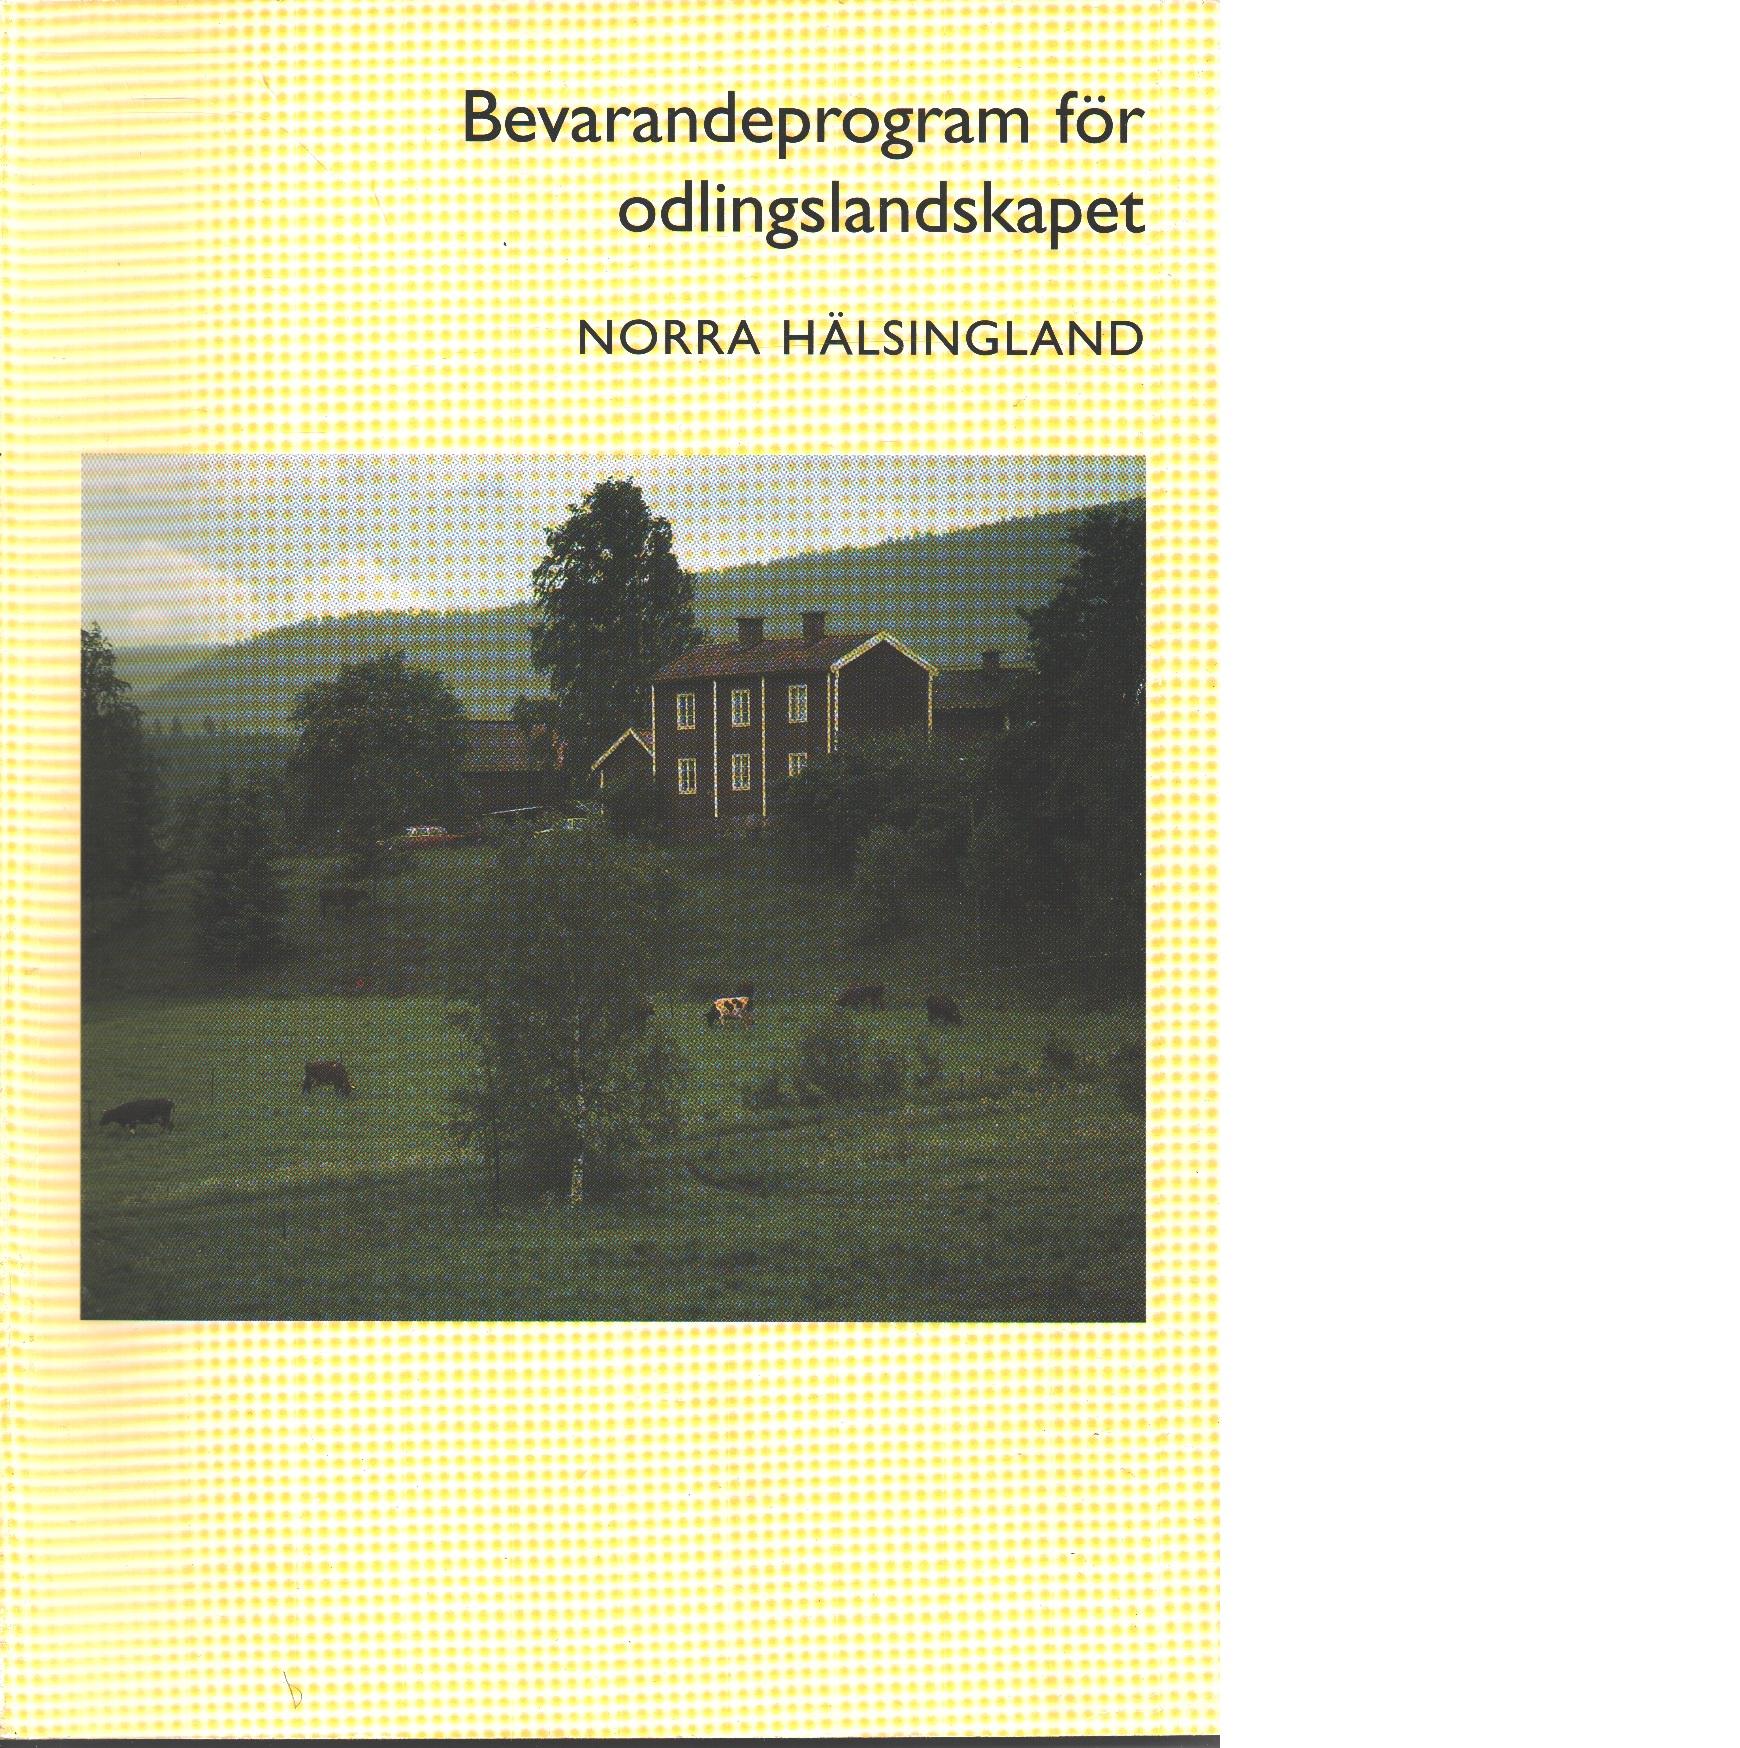 Bevarandeprogram för odlingslandskapet Norra Hälsingland - Red.